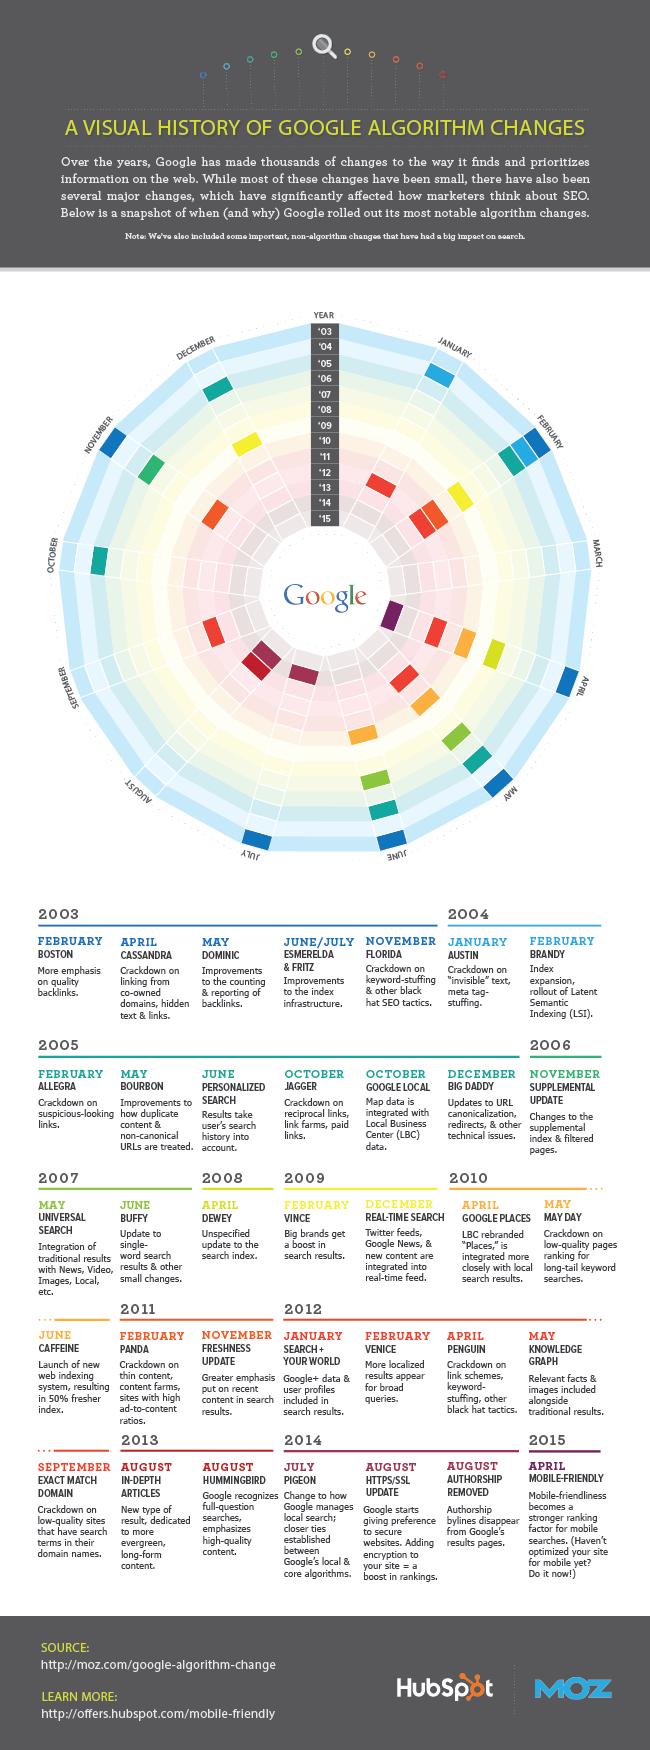 HubSpotが紹介するGoogleアルゴリズムアップデートの歴史インフォグラフィック